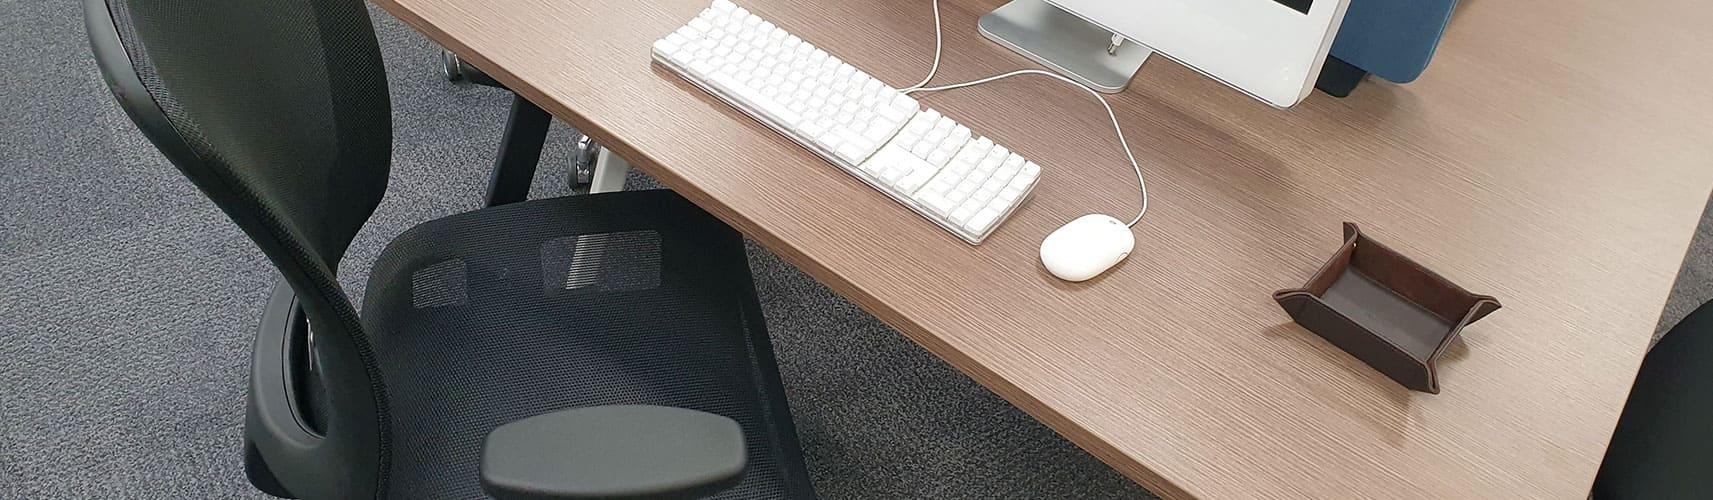 Fauteuil de bureau ergonomique avec accoudoirs réglables